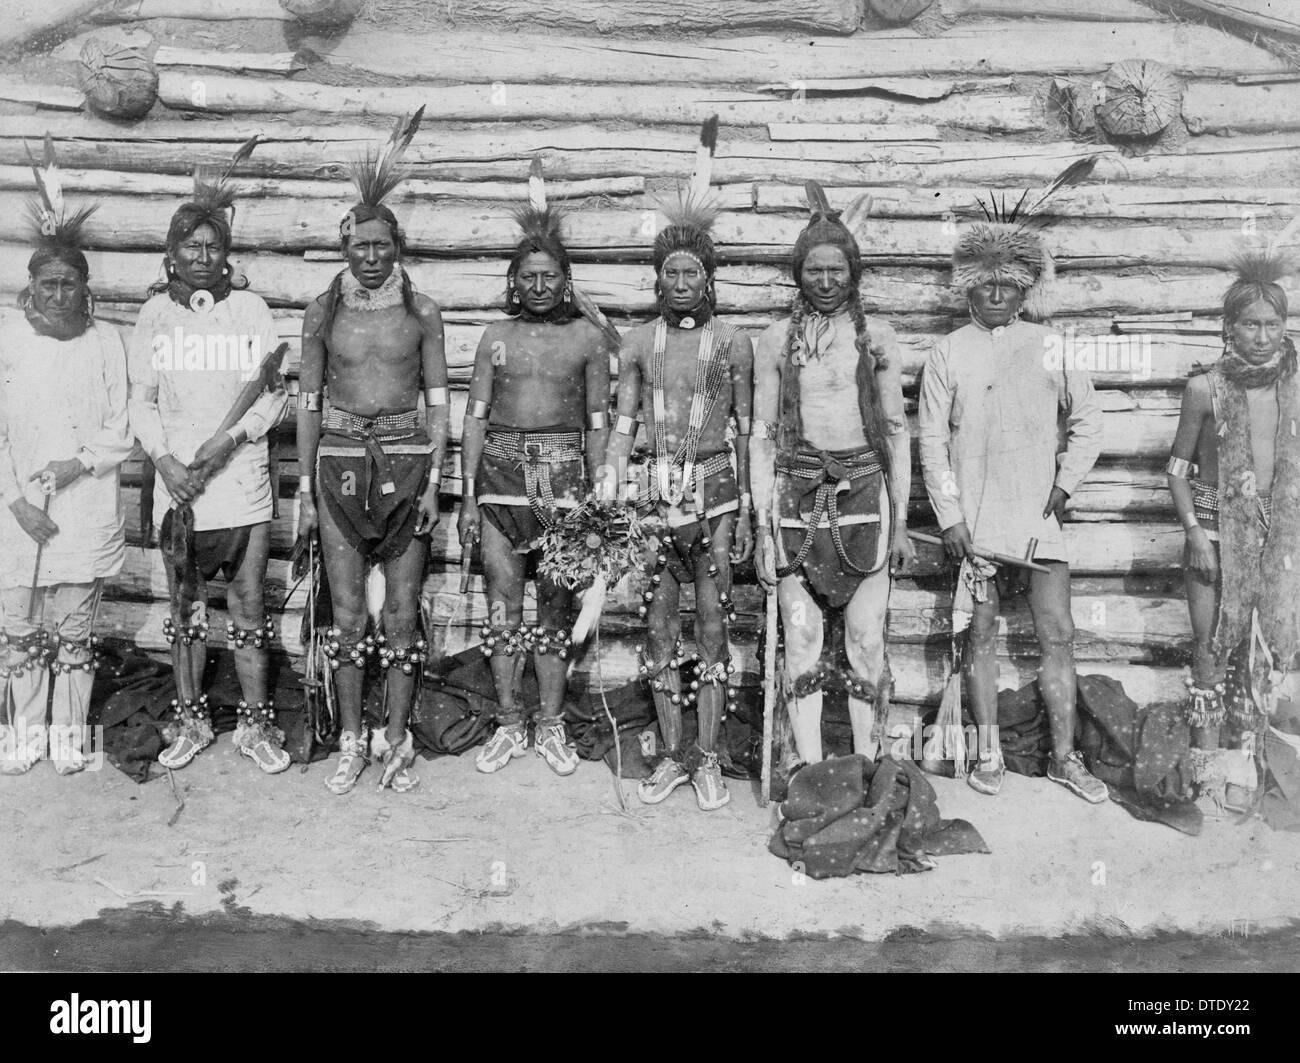 A Sioux war party, circa 1890 - Stock Image